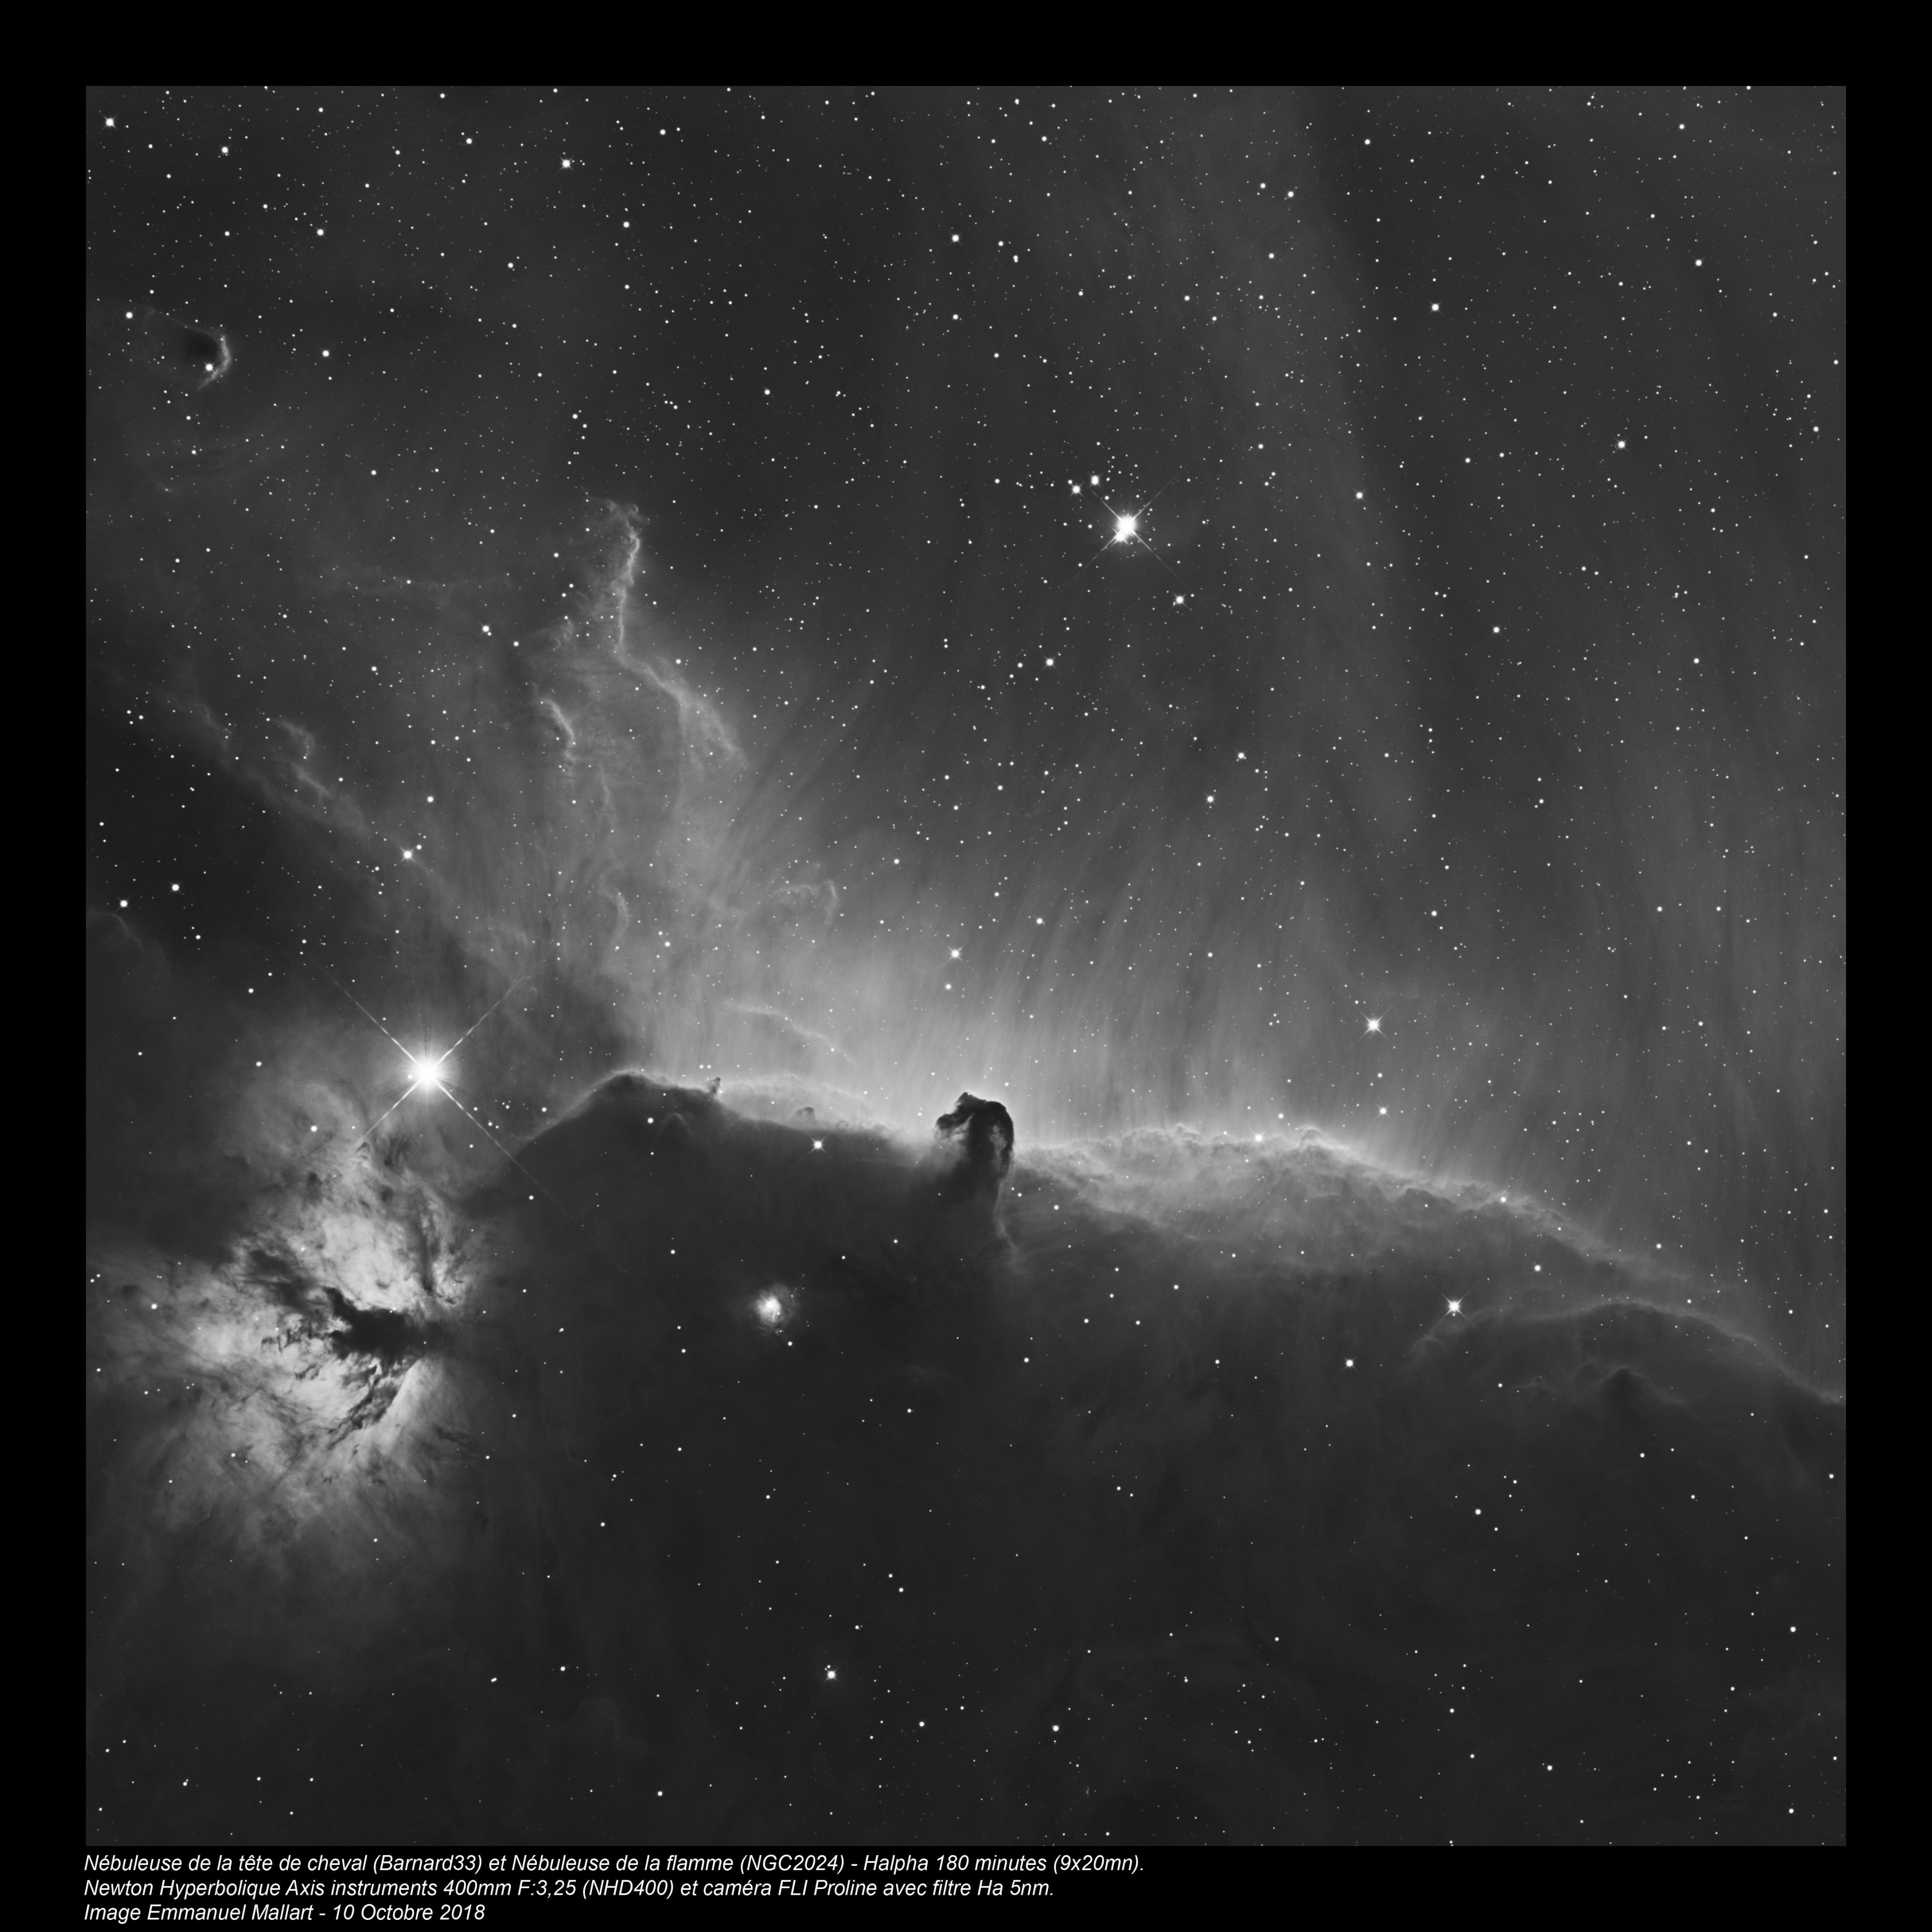 Barnard 33 et NGC2024 H-Alpha au NHD400